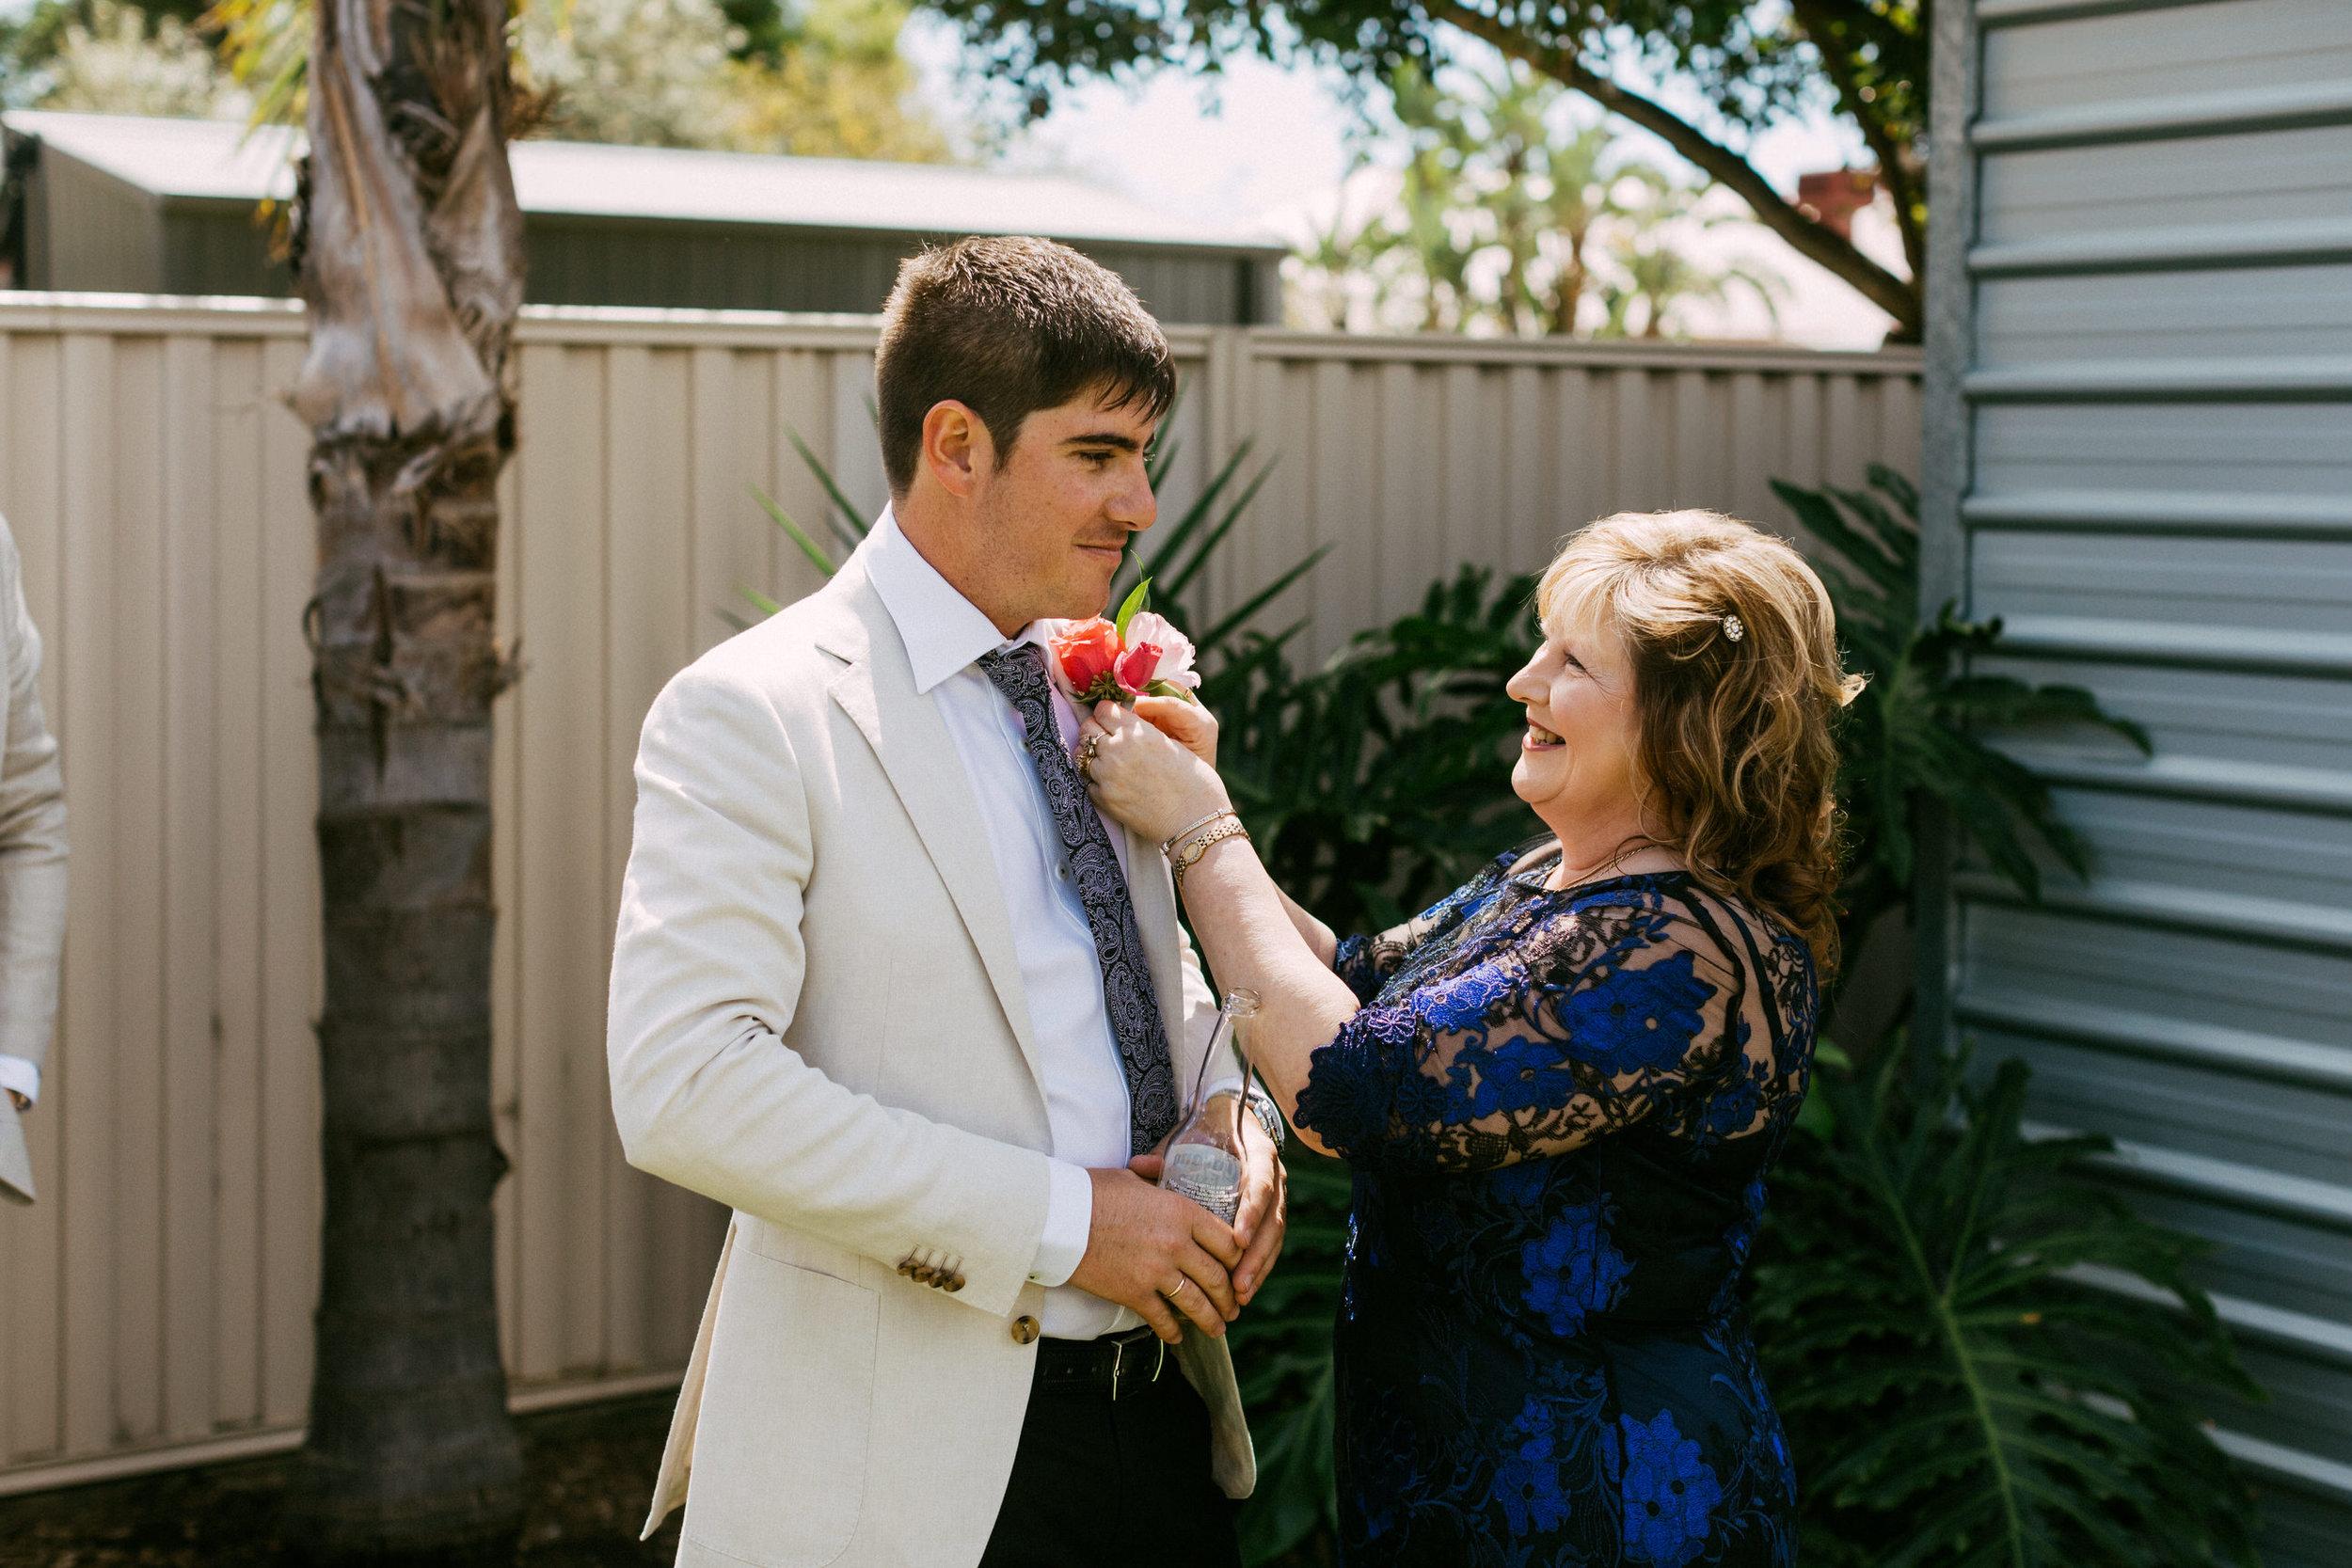 Adelaide City Fringe Garden Unearthly Delight Wedding 007.jpg